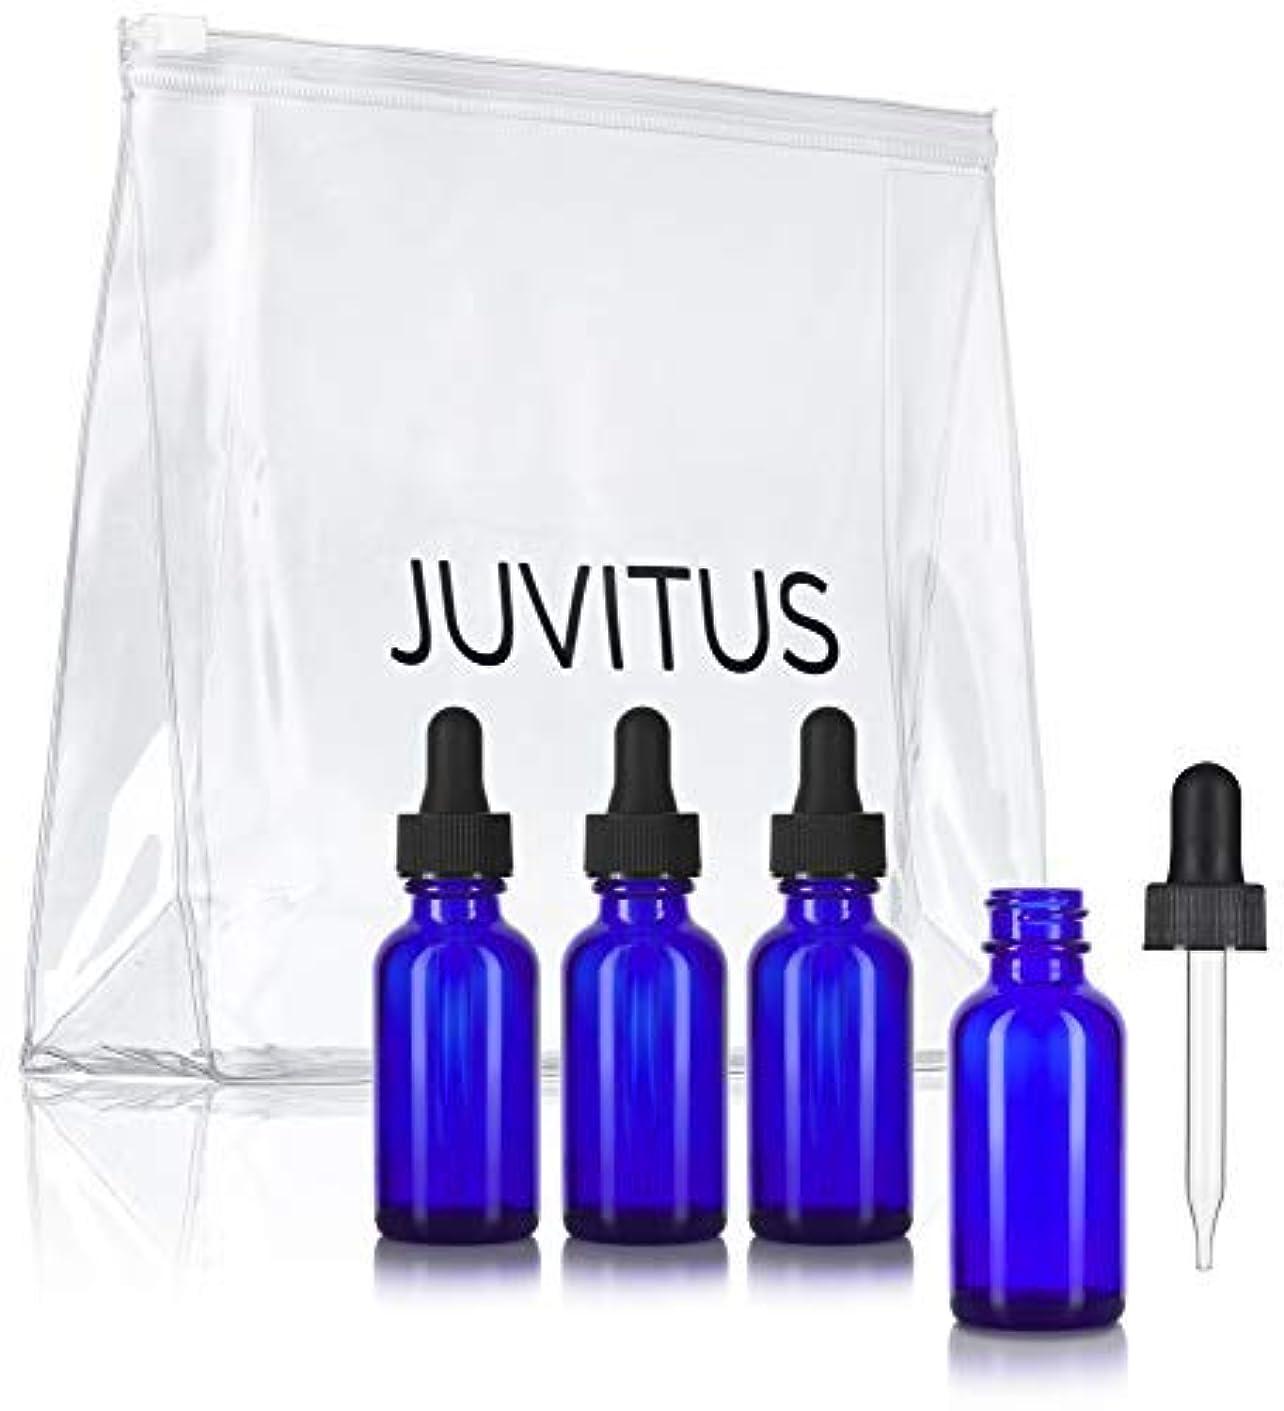 指定する痴漢下向きCobalt Blue Glass Boston Round Dropper Bottle - 1 oz (4 Pack) + Clear Travel Bag for Essential Oils, Aromatherapy, e-Liquid, Food Grade [並行輸入品]